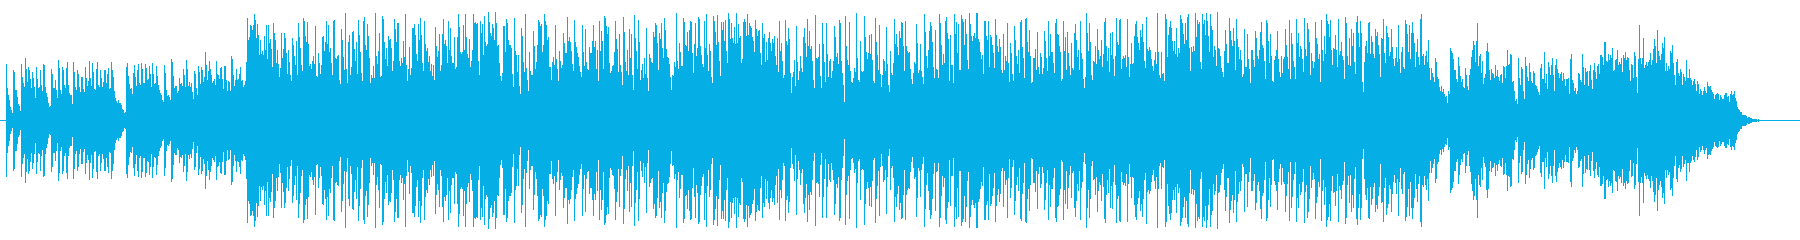 【琴、尺八】疾走感のある和風ビートの再生済みの波形